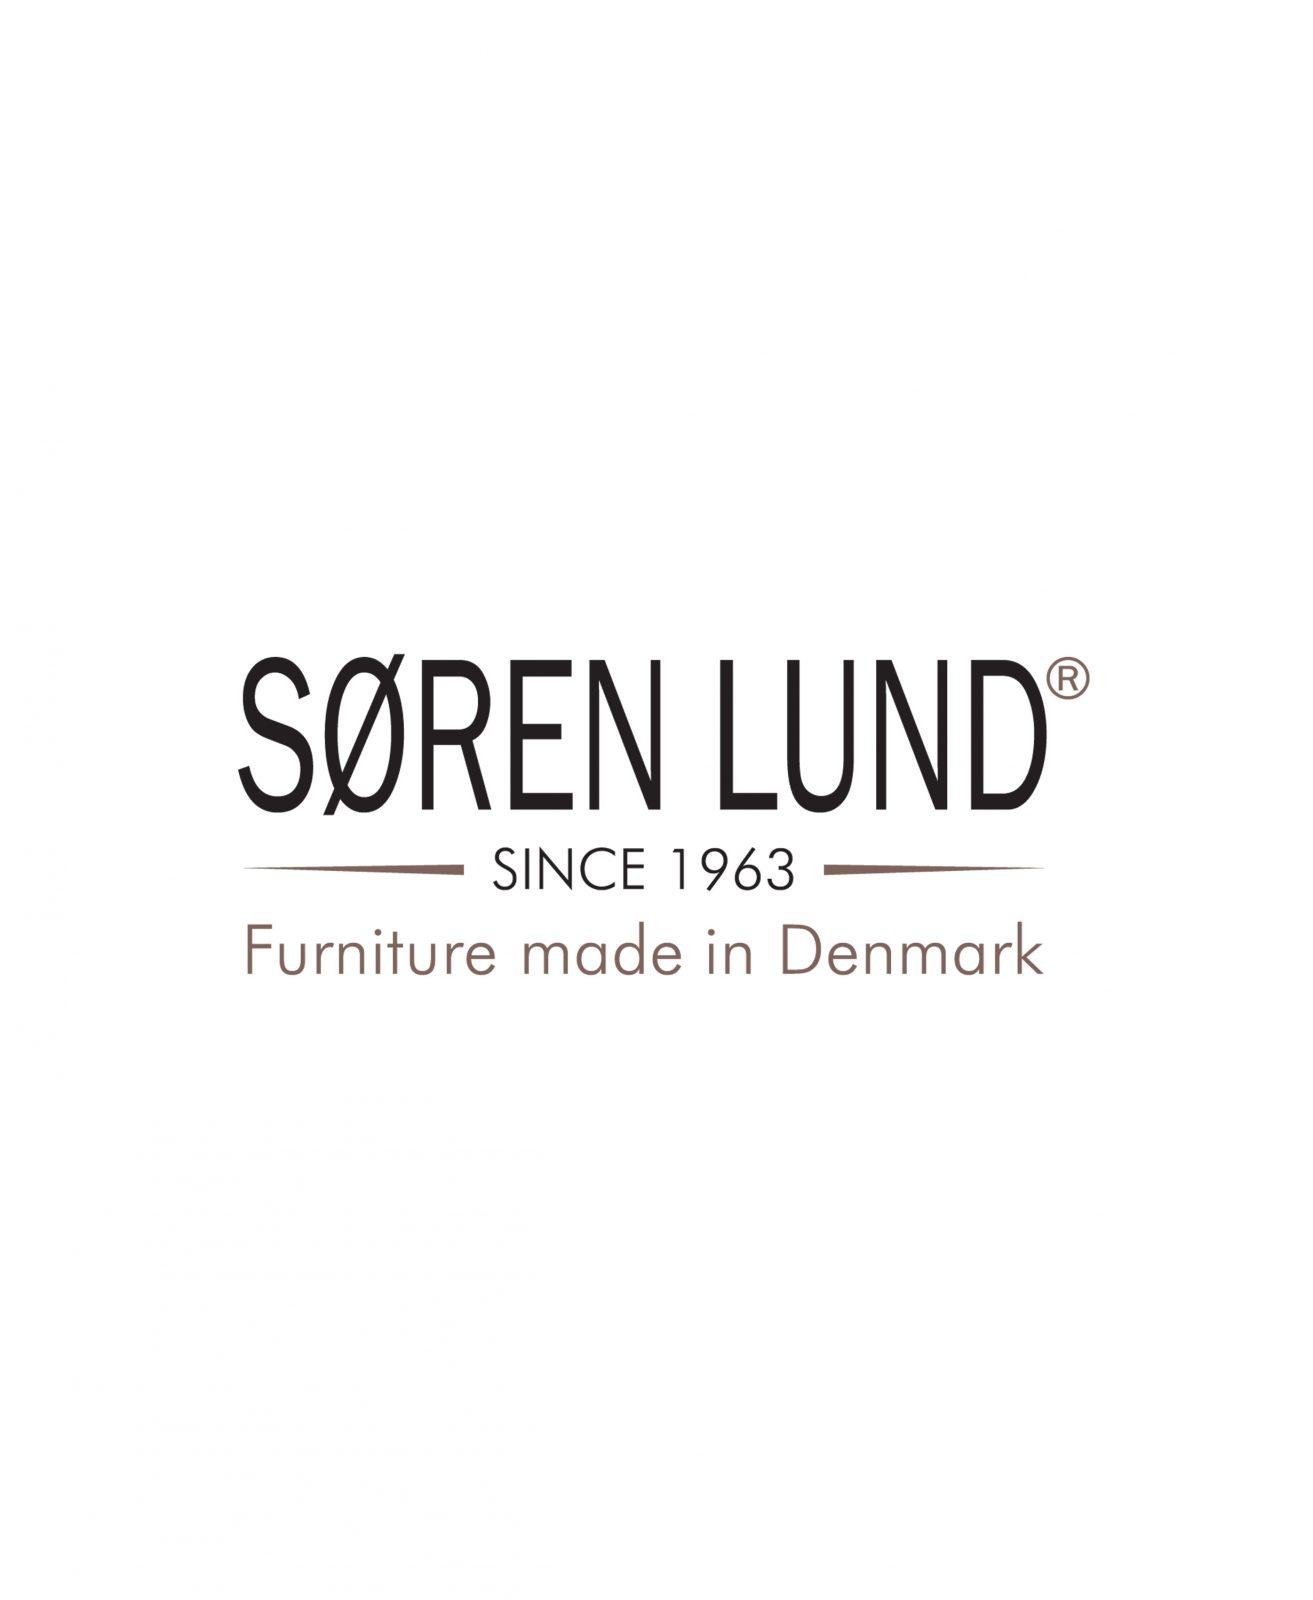 Søren Lund Logo